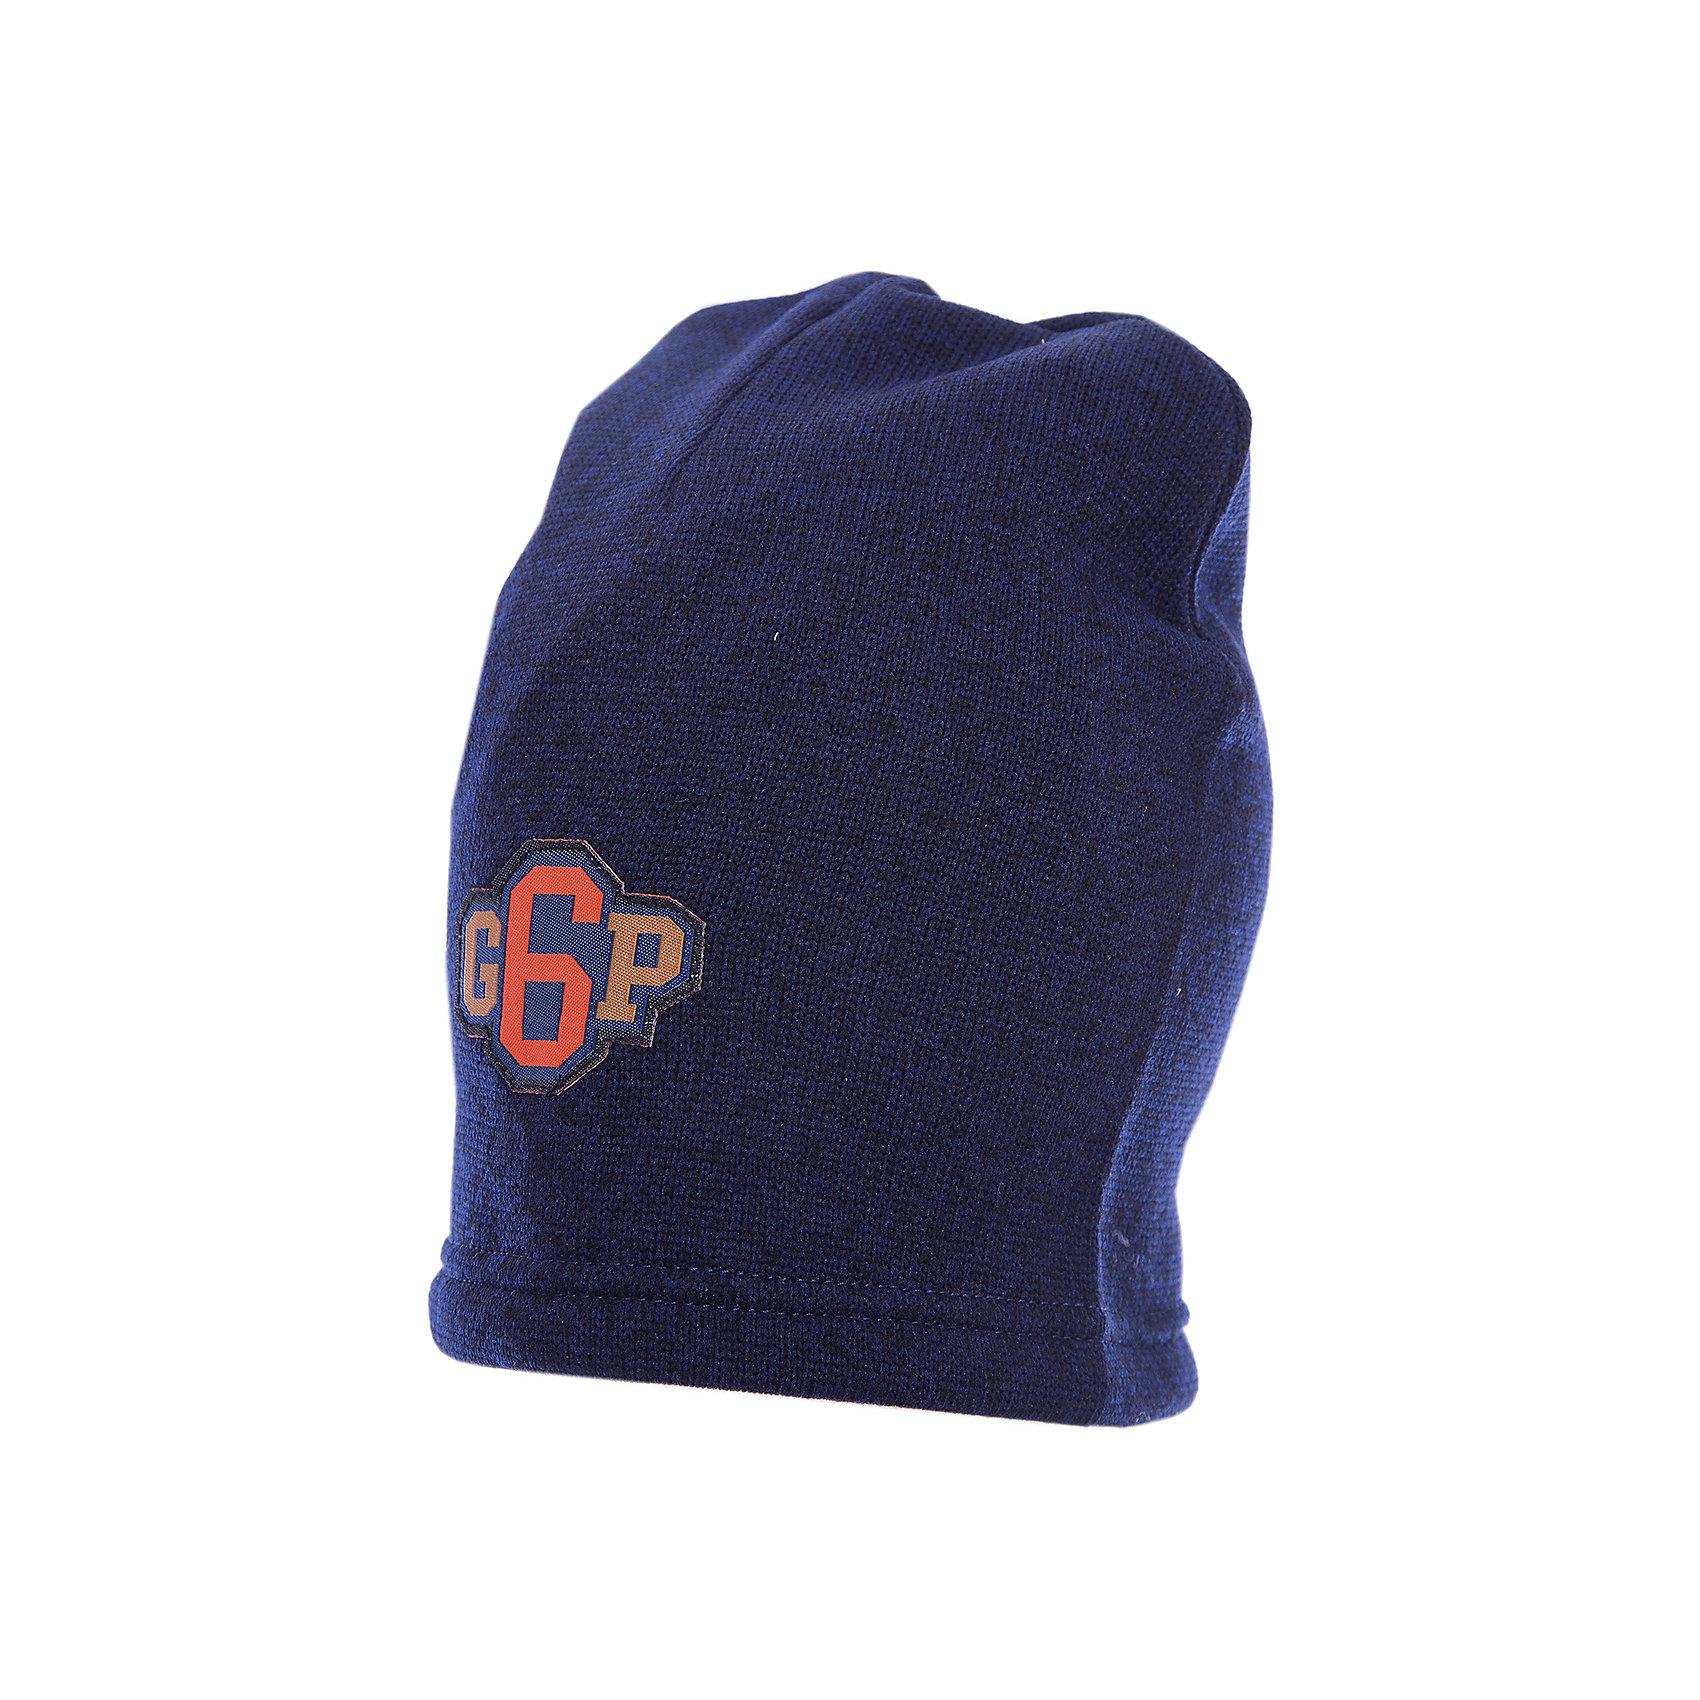 Шапка PlayToday для мальчикаДемисезонные<br>Шапка PlayToday для мальчика<br>Шапка из трикотажа - отличное решение для прогулок в прохладную погоду. Модель без завязок, плотно прилегает к голове, комфортна при носке. Декорирована небольшой аппликацией.<br>Состав:<br>95% хлопок, 5% эластан<br><br>Ширина мм: 89<br>Глубина мм: 117<br>Высота мм: 44<br>Вес г: 155<br>Цвет: белый<br>Возраст от месяцев: 72<br>Возраст до месяцев: 84<br>Пол: Мужской<br>Возраст: Детский<br>Размер: 54,50,52<br>SKU: 7111712